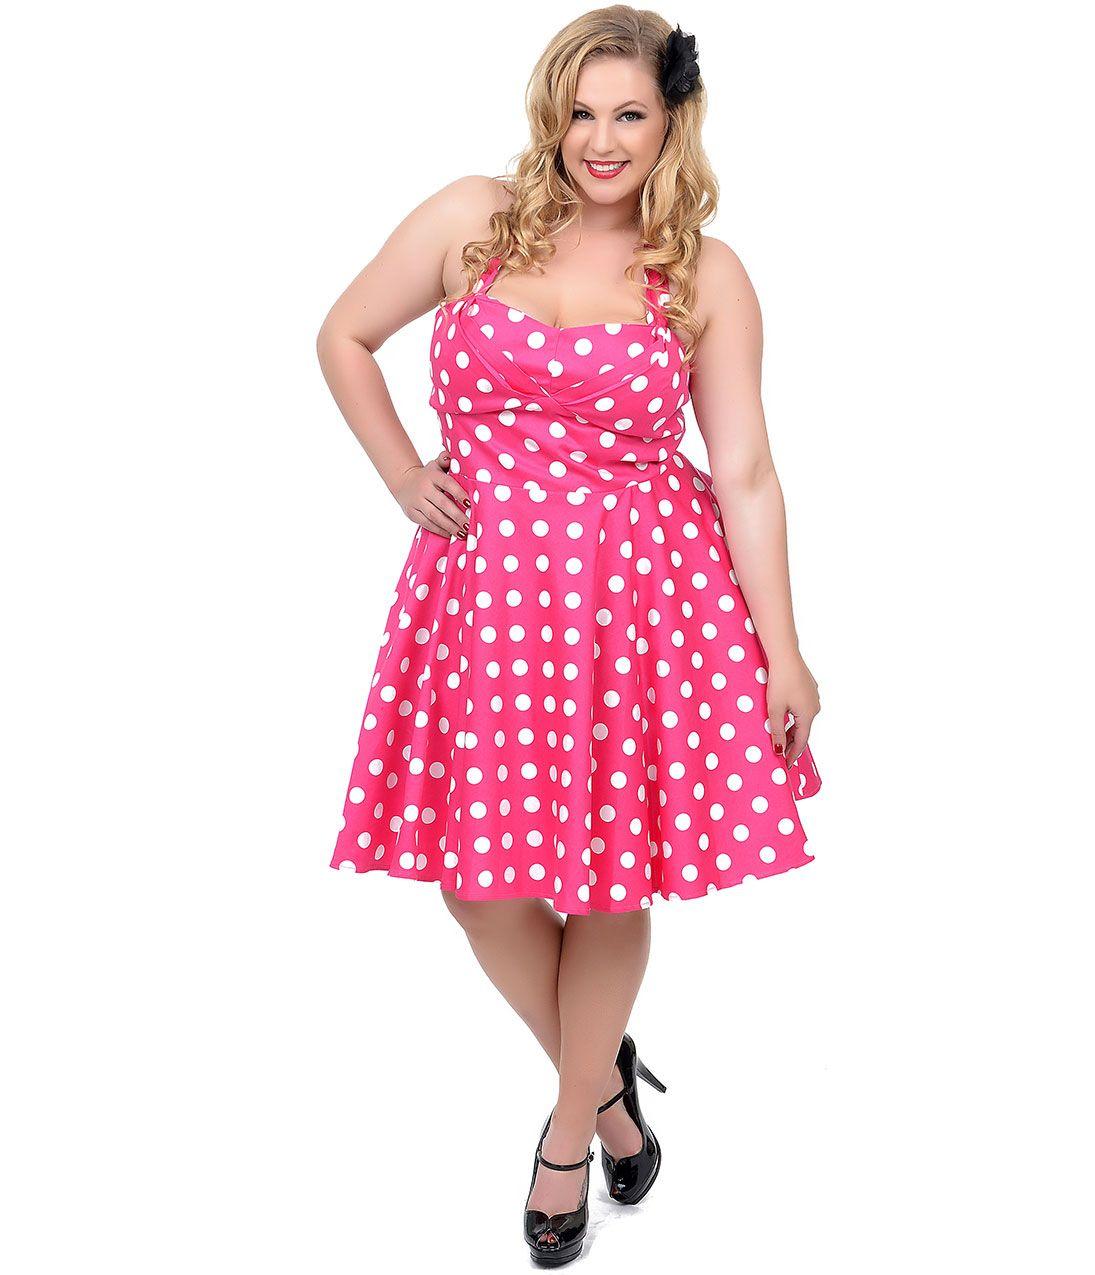 cute plus size dresses 08 #plus #plussize #curvy | Plus Size & Curvy ...